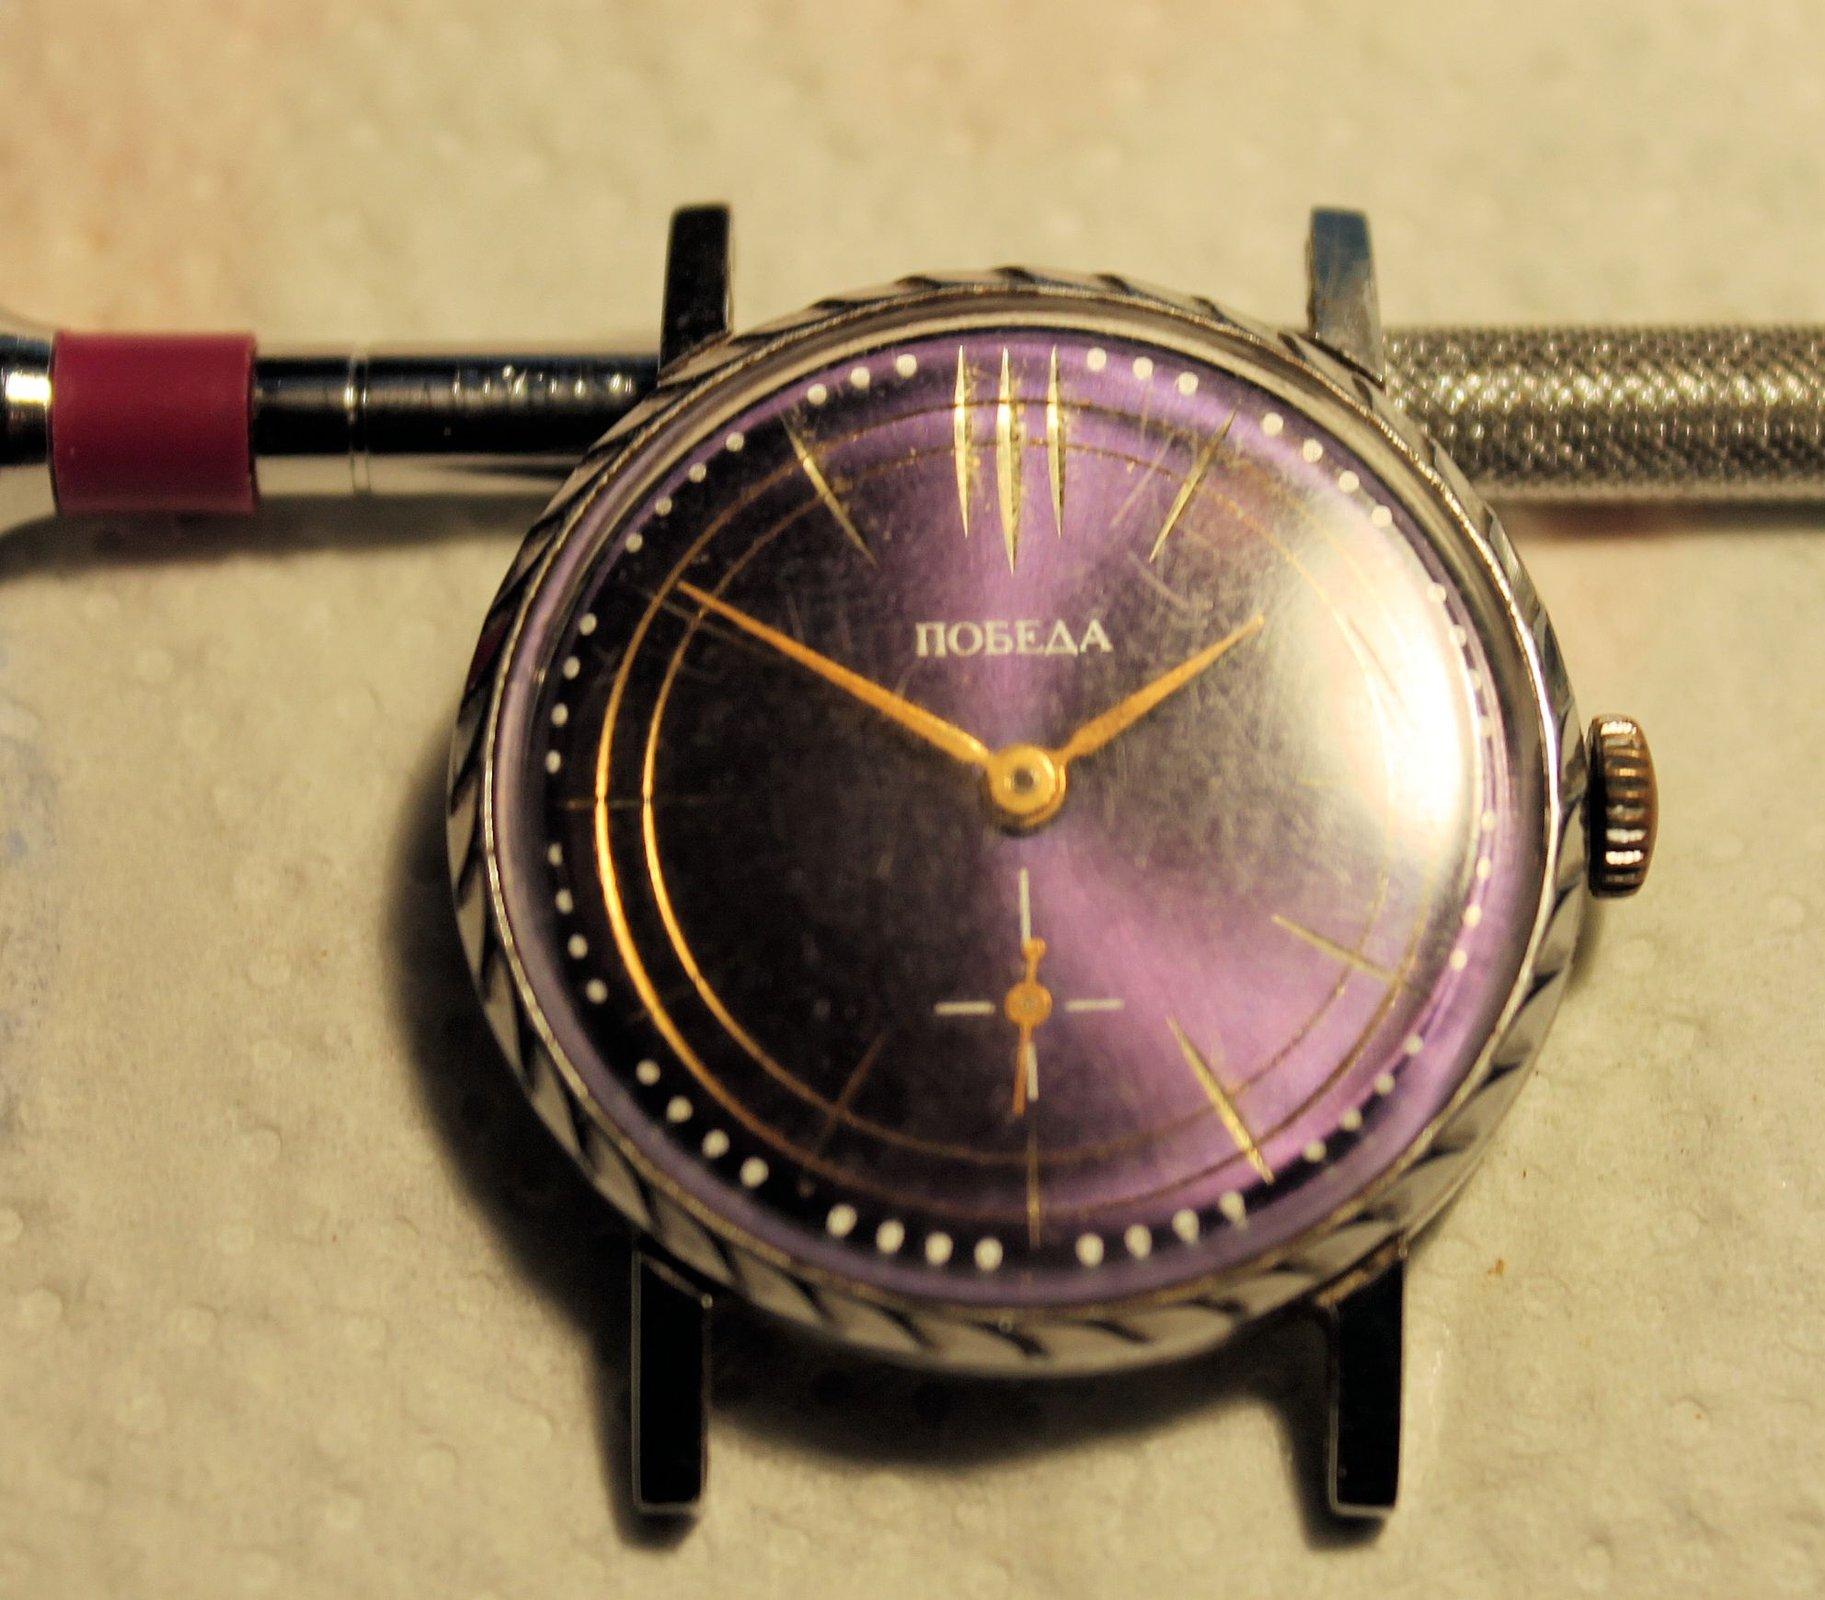 Russische porn alte Uhr